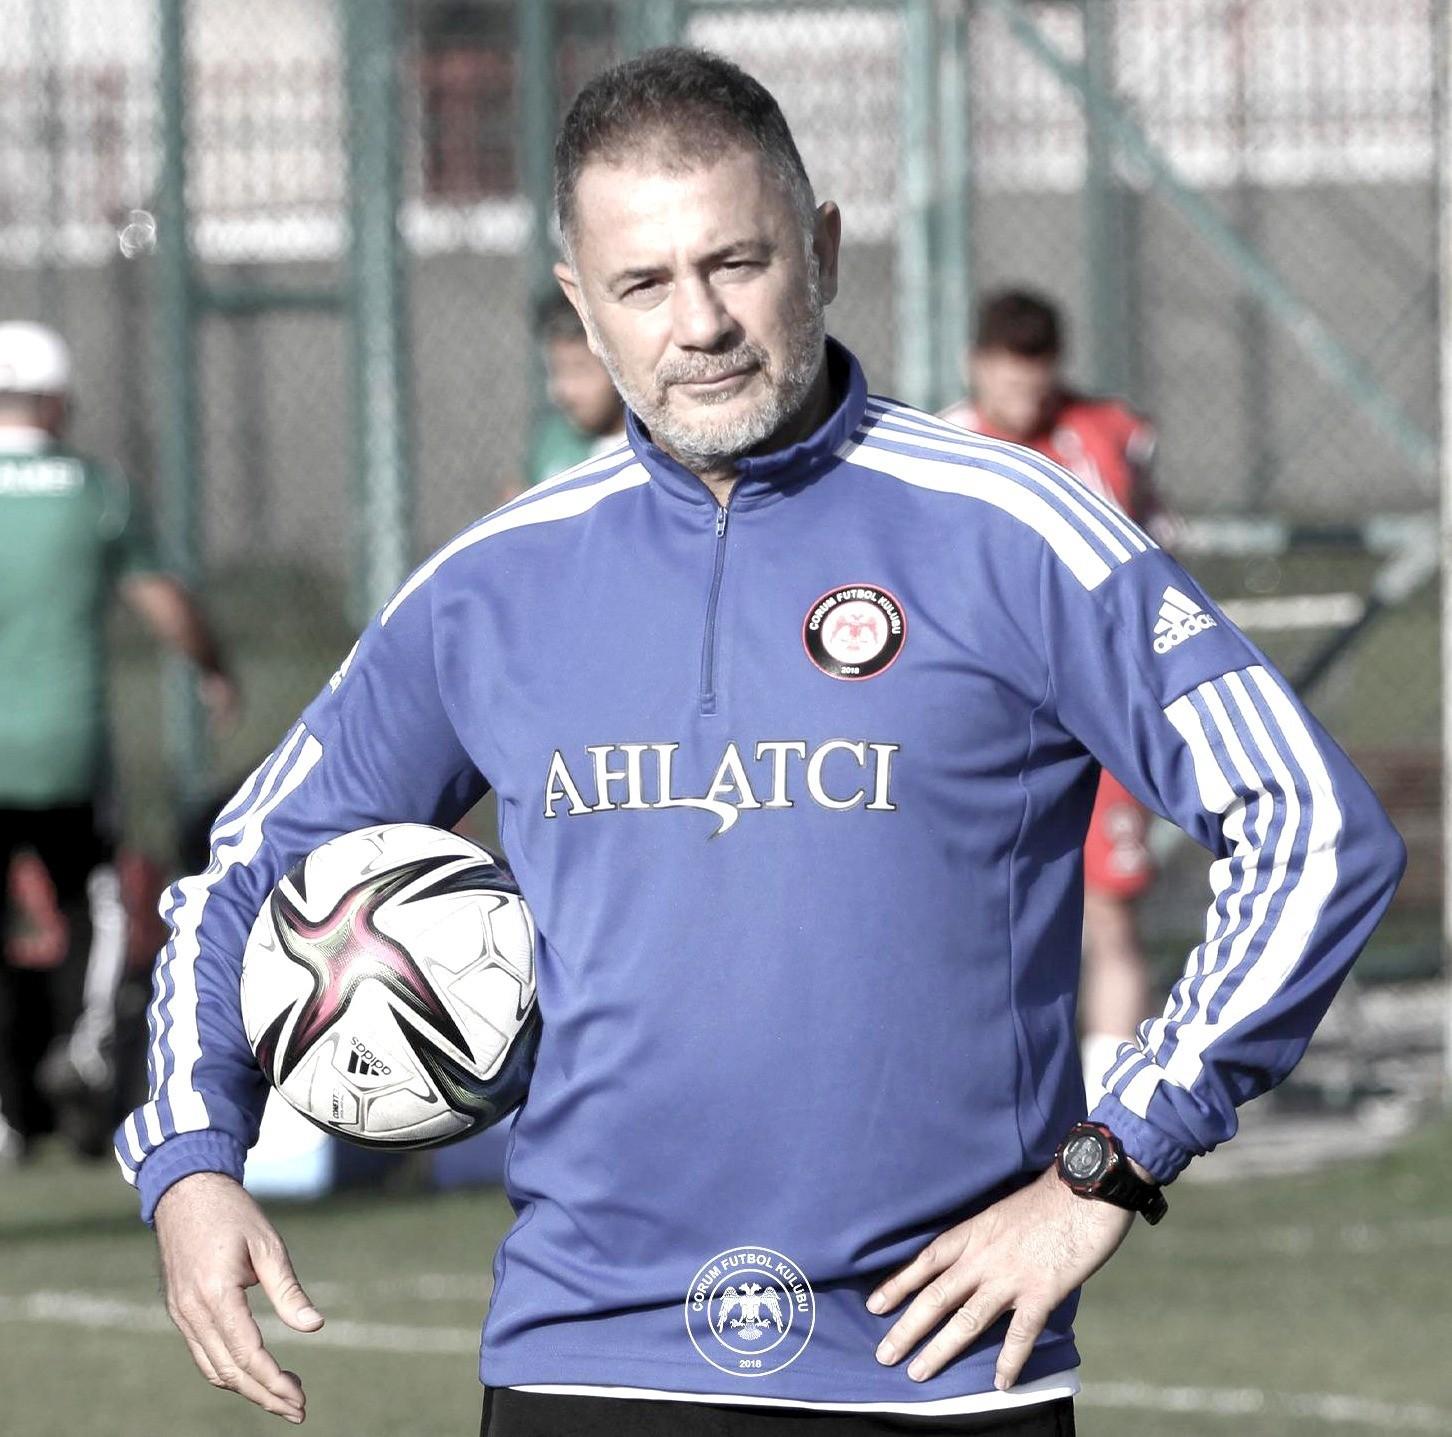 Çorum FK antrenörü Bülent Üstüner, korona vürüse yenik düştü #corum